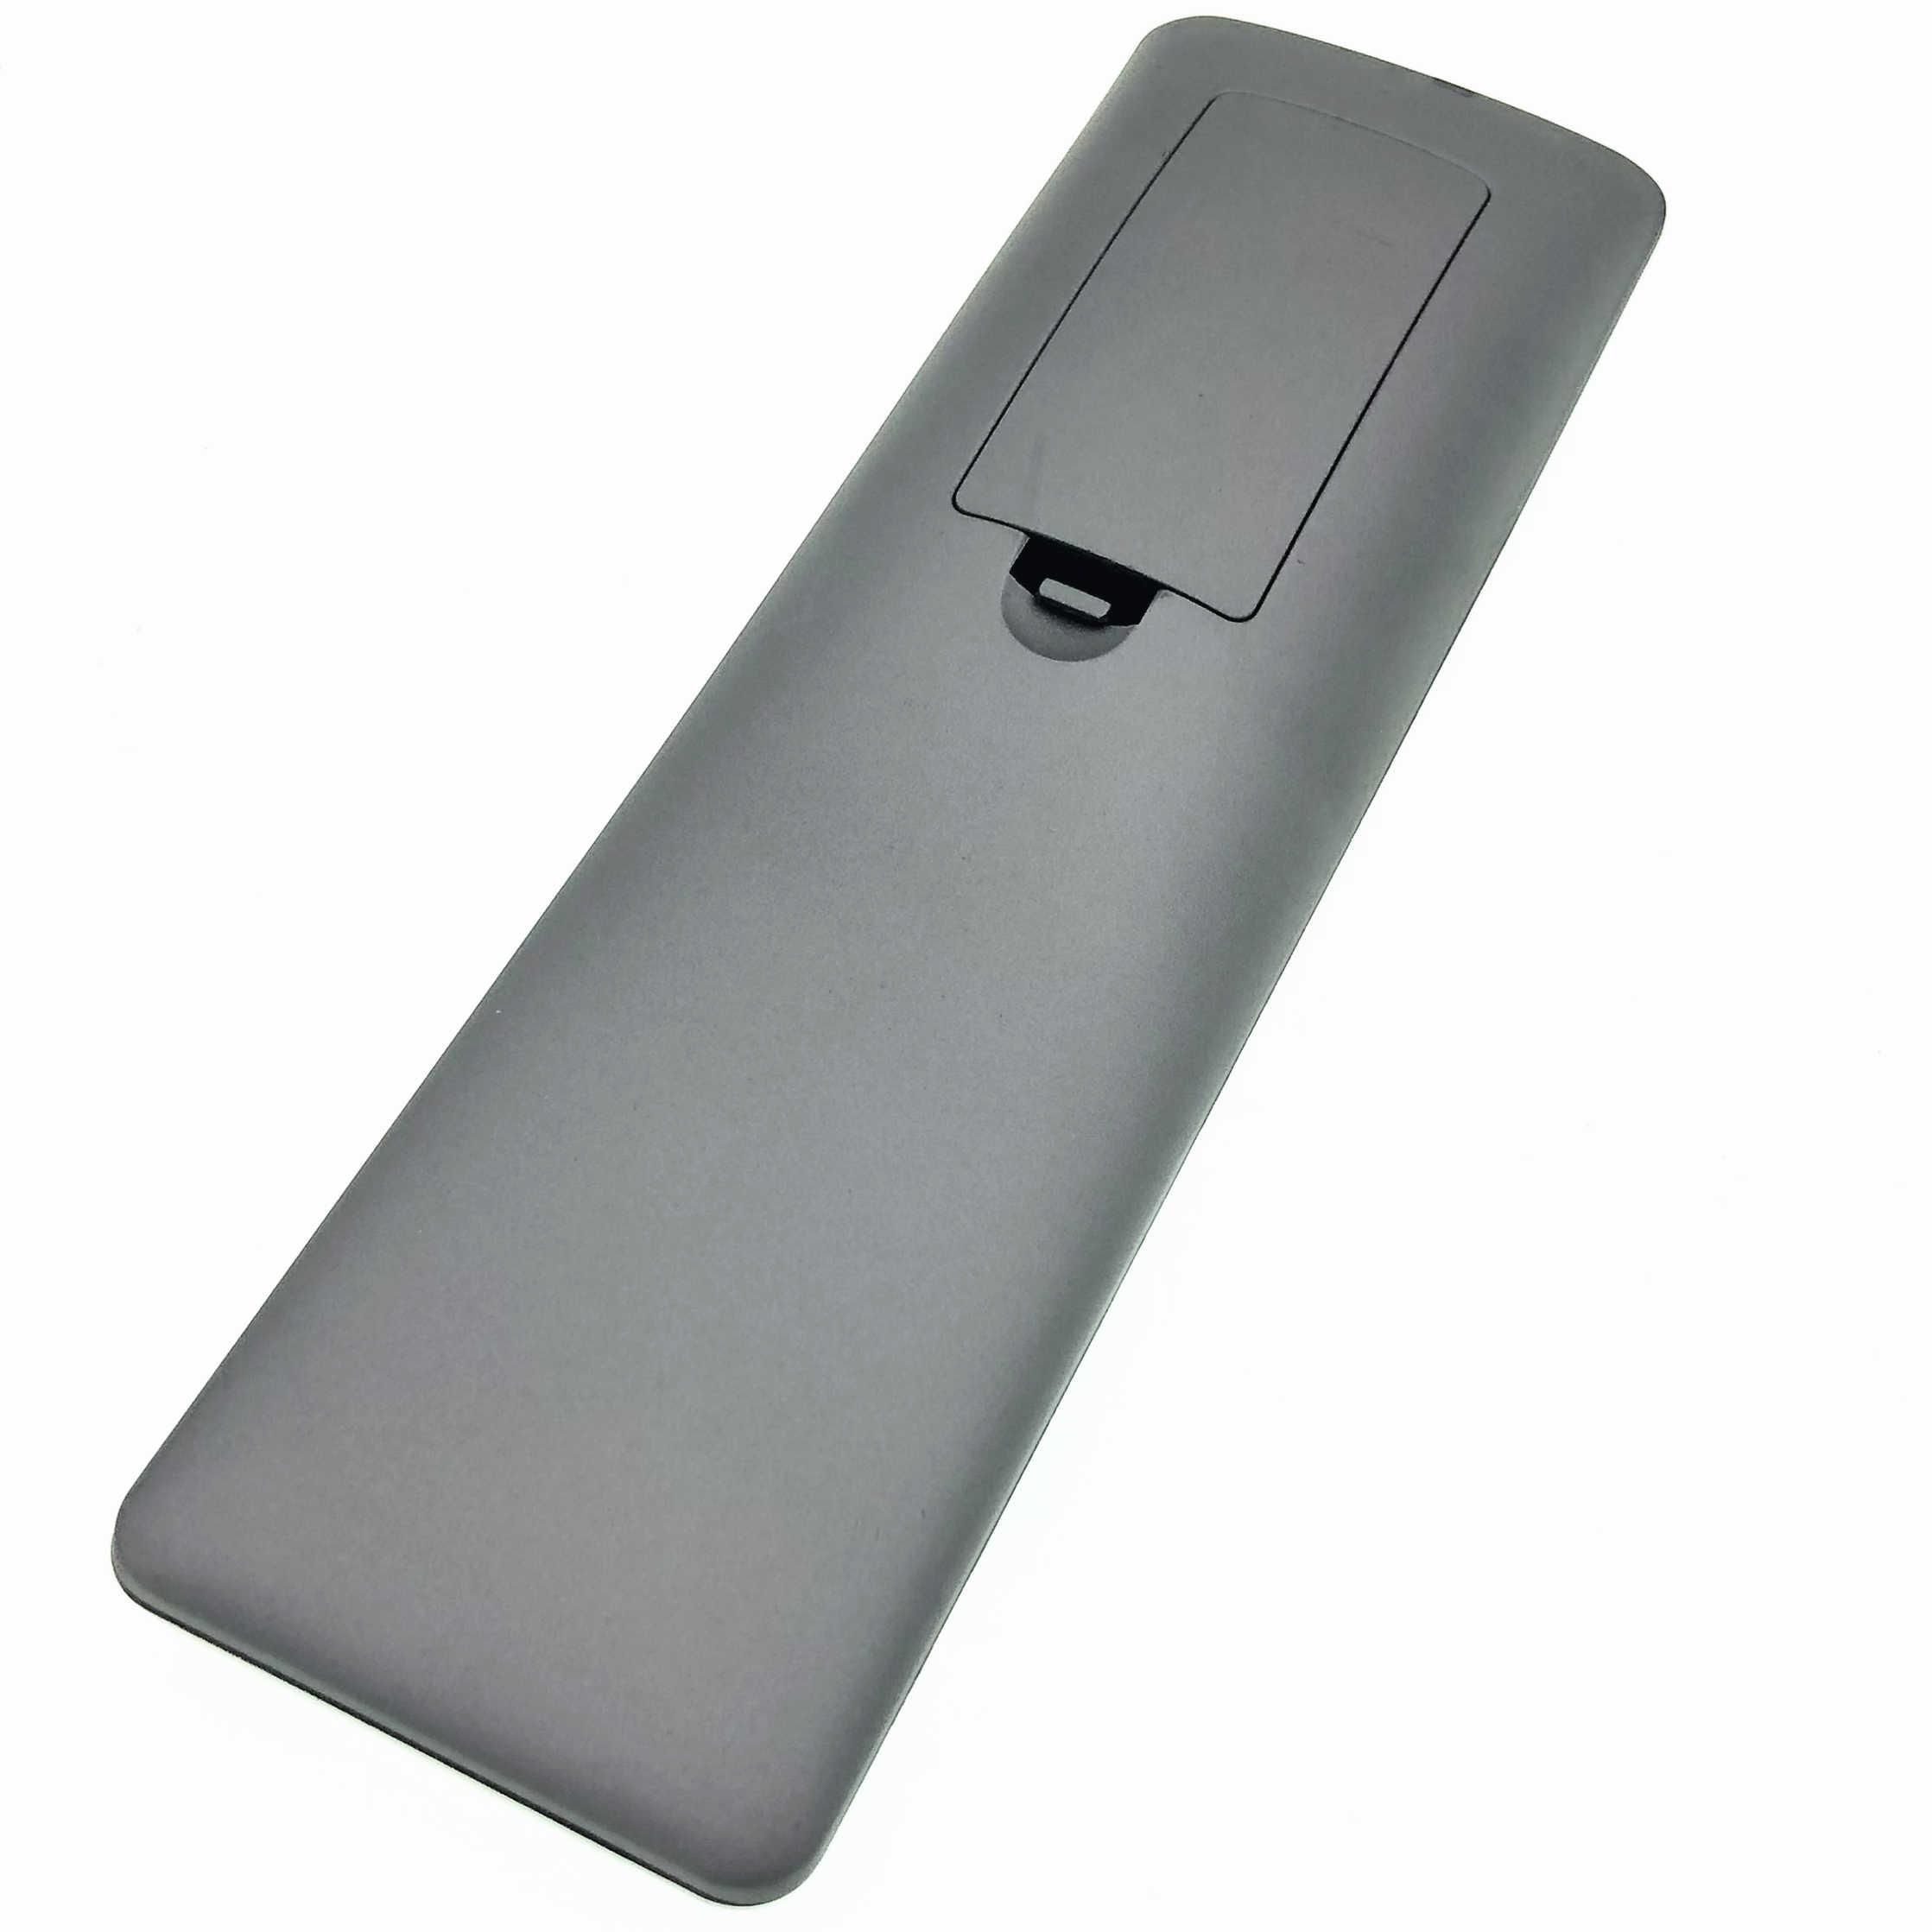 Радиочастотный пульт дистанционного управления SHW/RMC/0116 SHW/RMC/0117 для Sharp AQUOS Ultra HD 4K Smart светодиодный Телевизор с Netflix Youtube NET + LC-49CUG8462KS